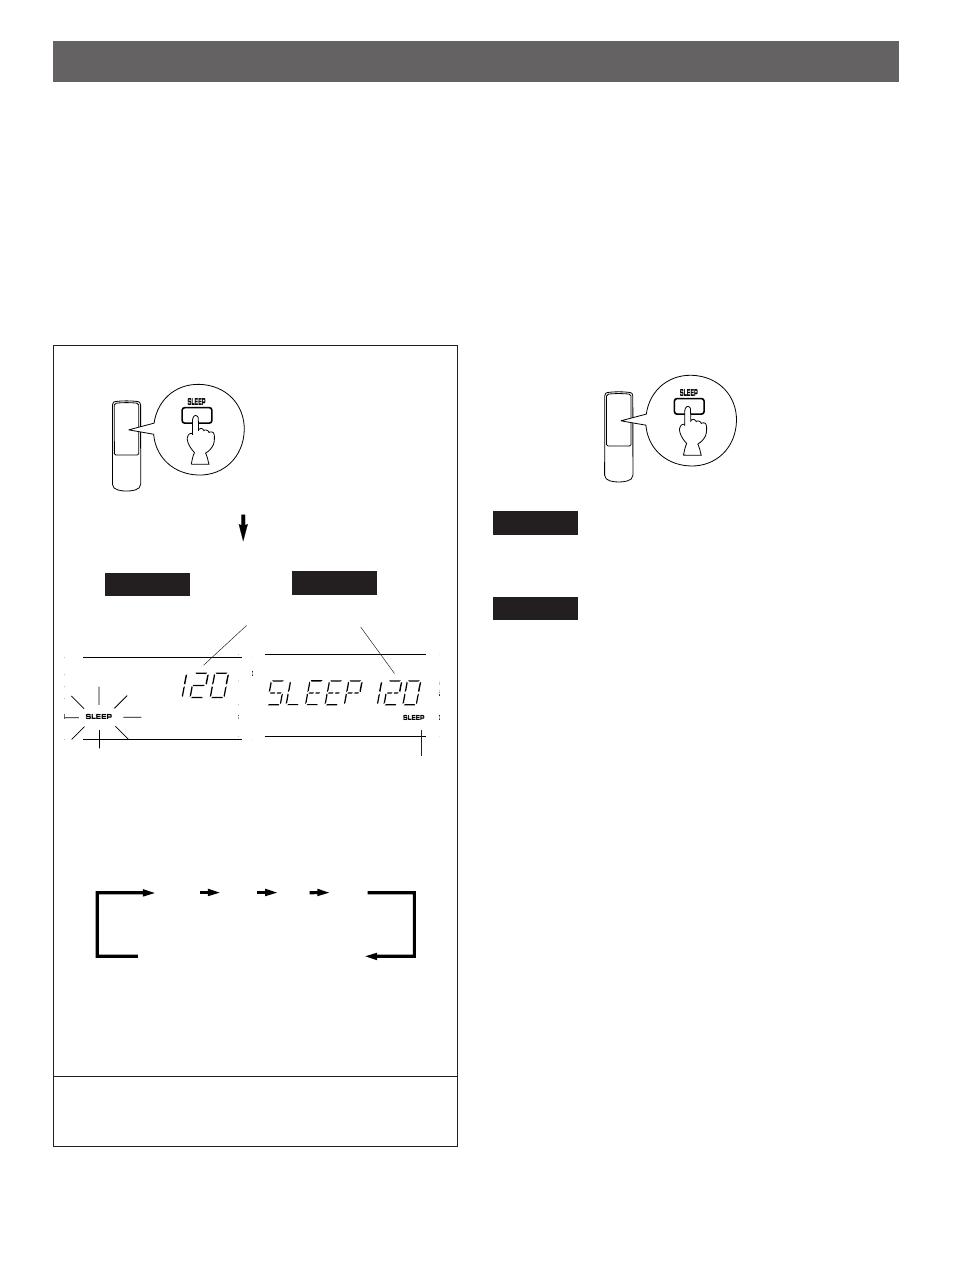 Setting the sleep timer | Yamaha R-V501 User Manual | Page